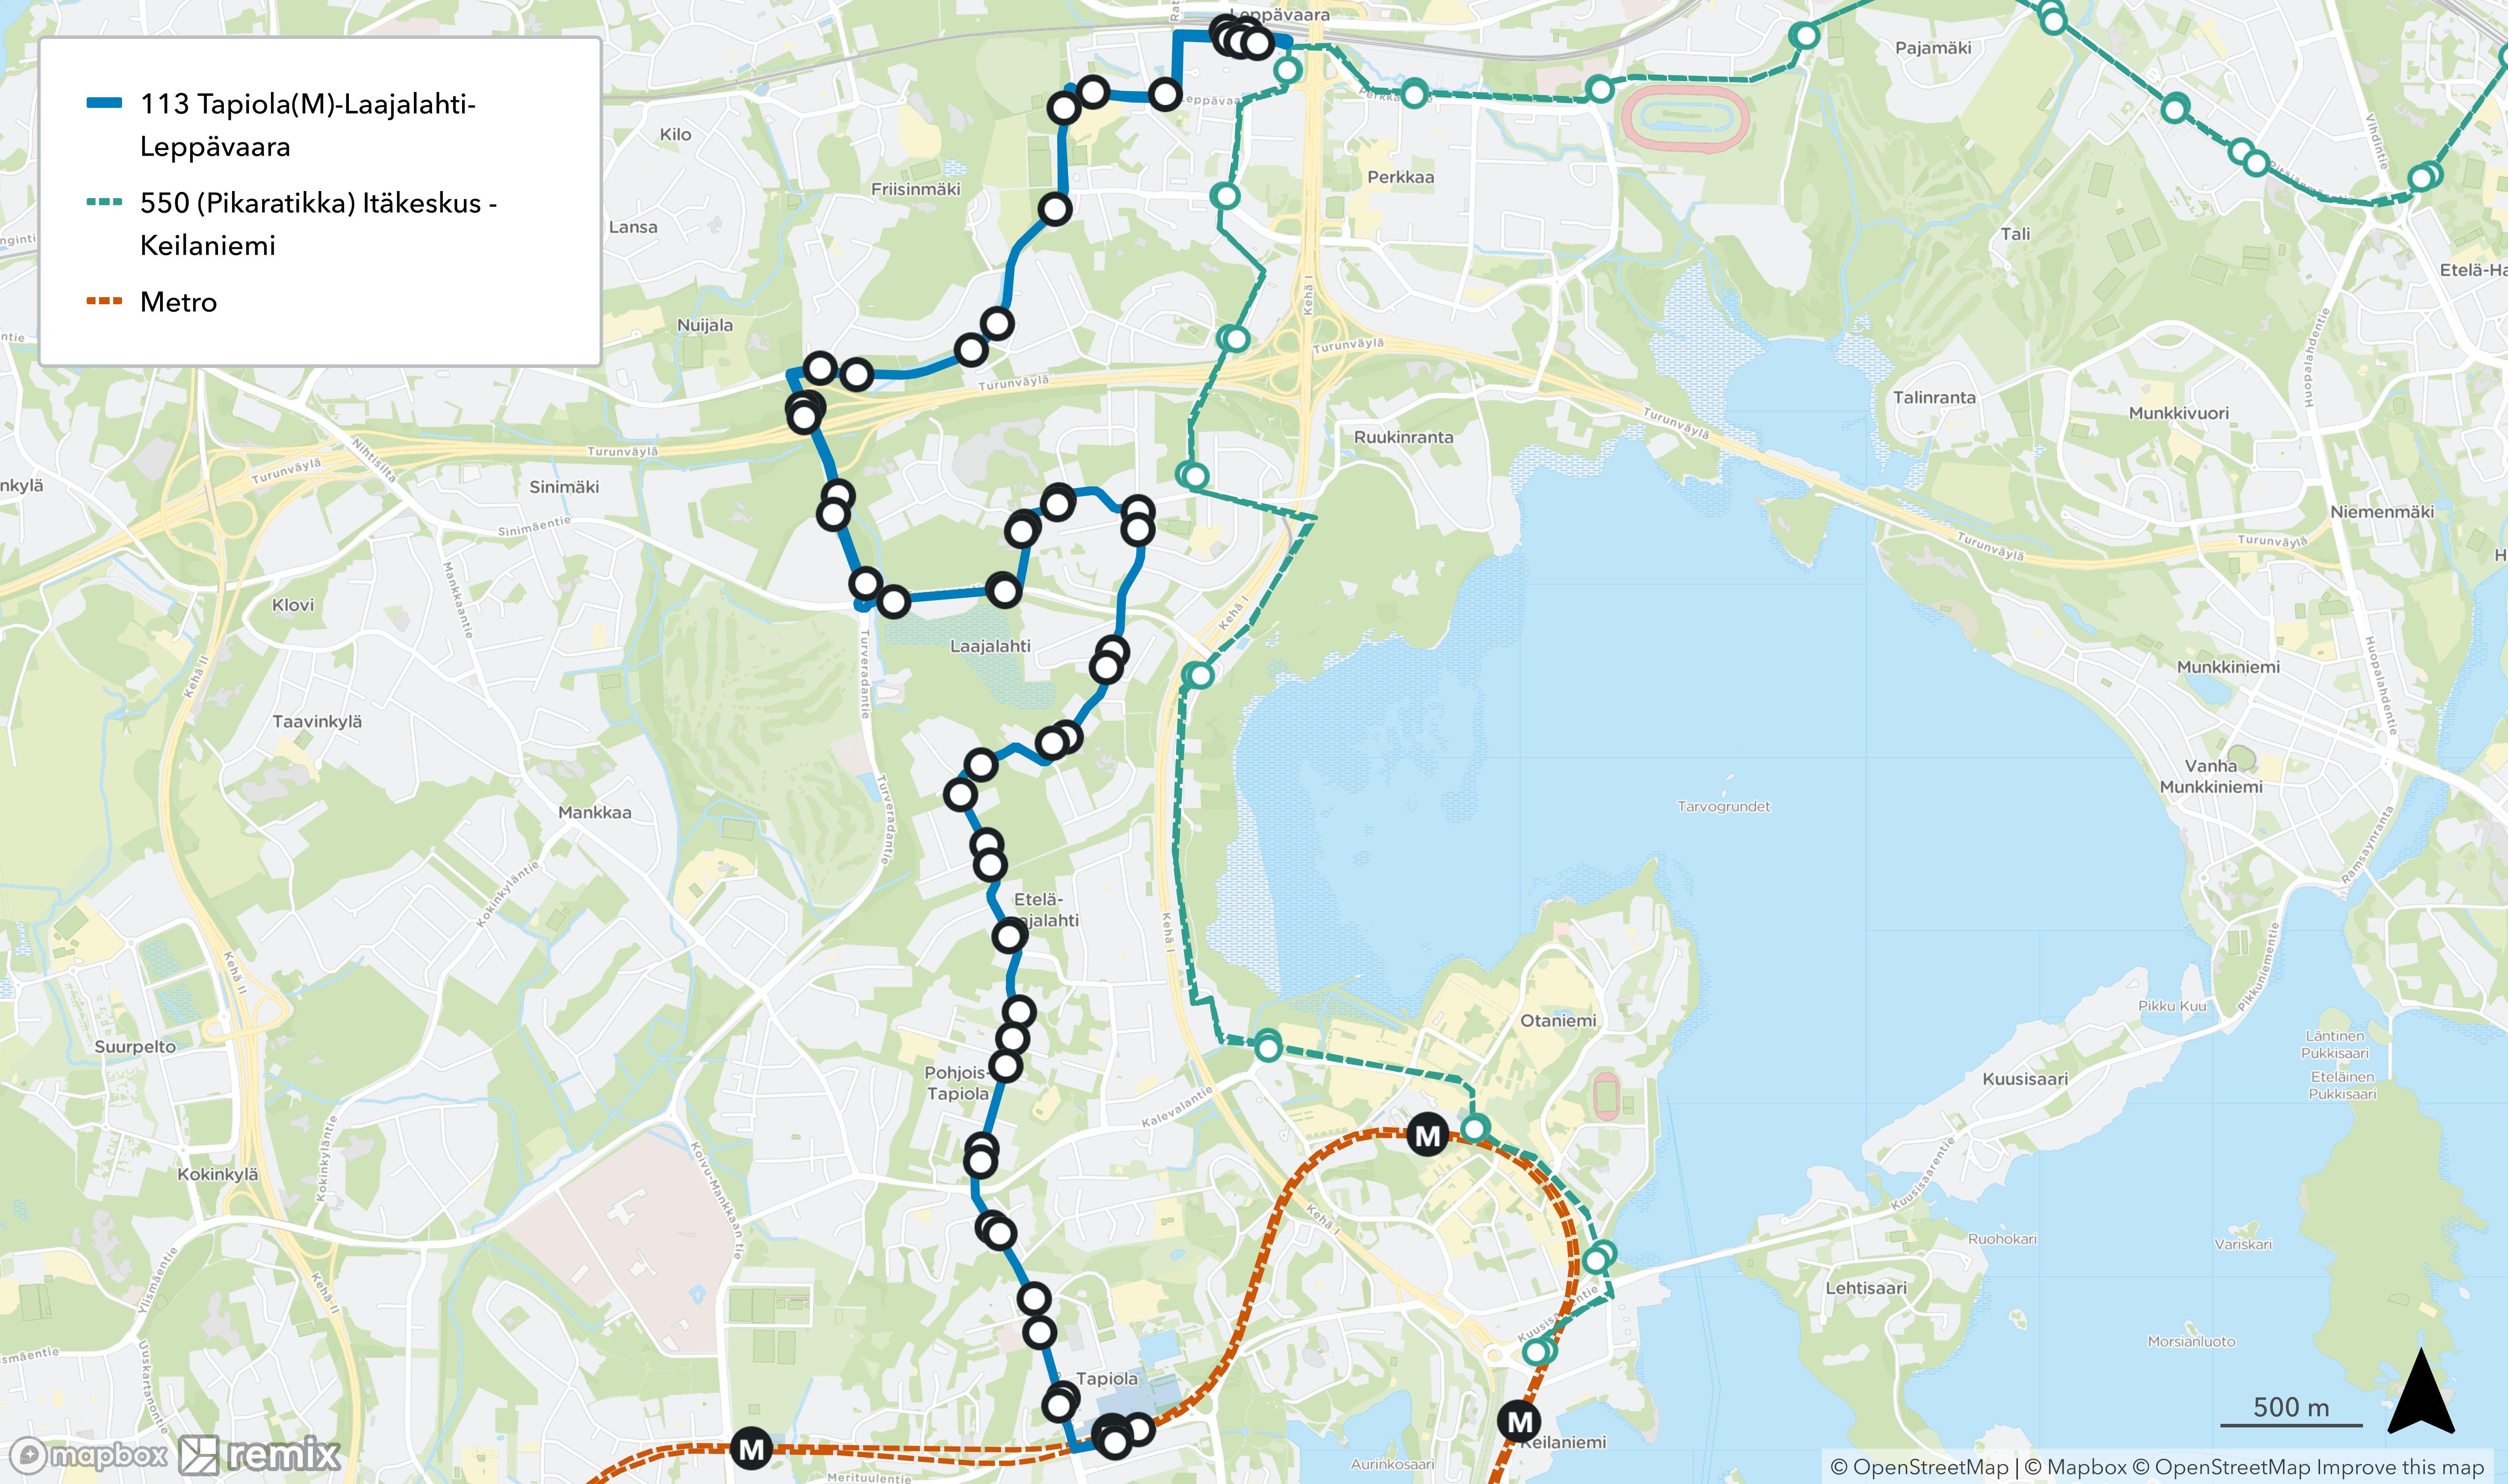 Linja 113 muuttuisi kulkemaan Laajalahdesta Leppävaaraan reittiä Muolaantie - Kirvuntie - Antreantie - Ilmeentie - Turvesuontie - Turveradantie - Friisinmäentie - Säterinpuistotie - Leppävaarankatu - Ratsukatu.